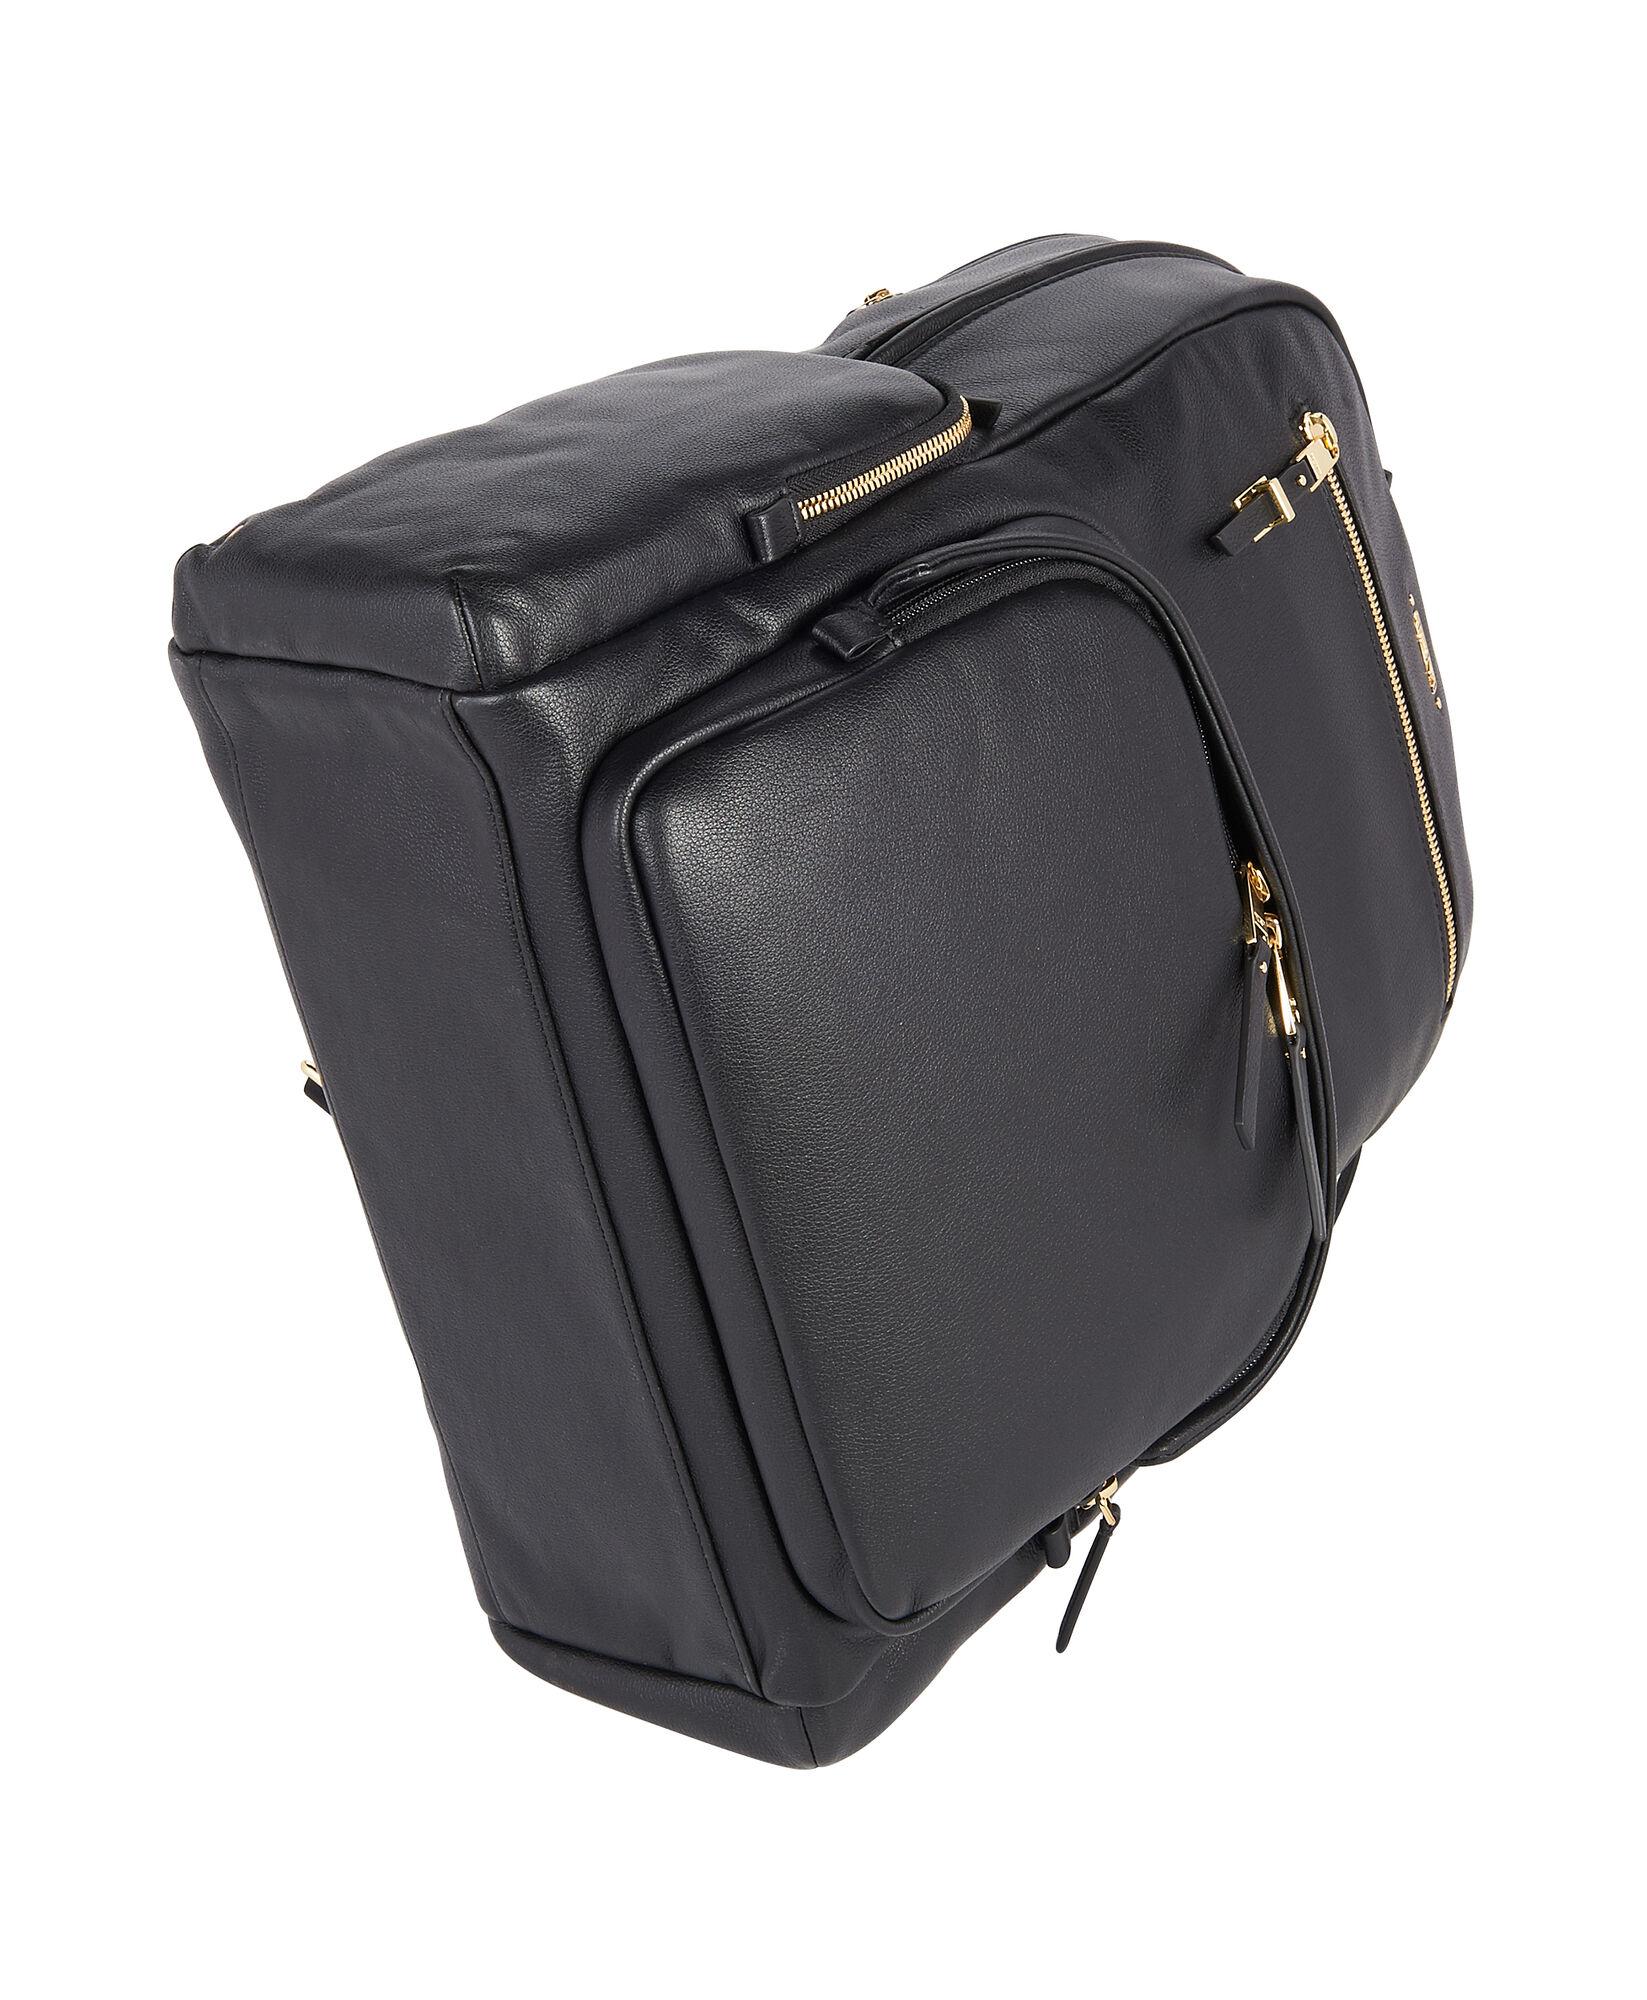 2442f7ebdd4 Carson Backpack Voyageur